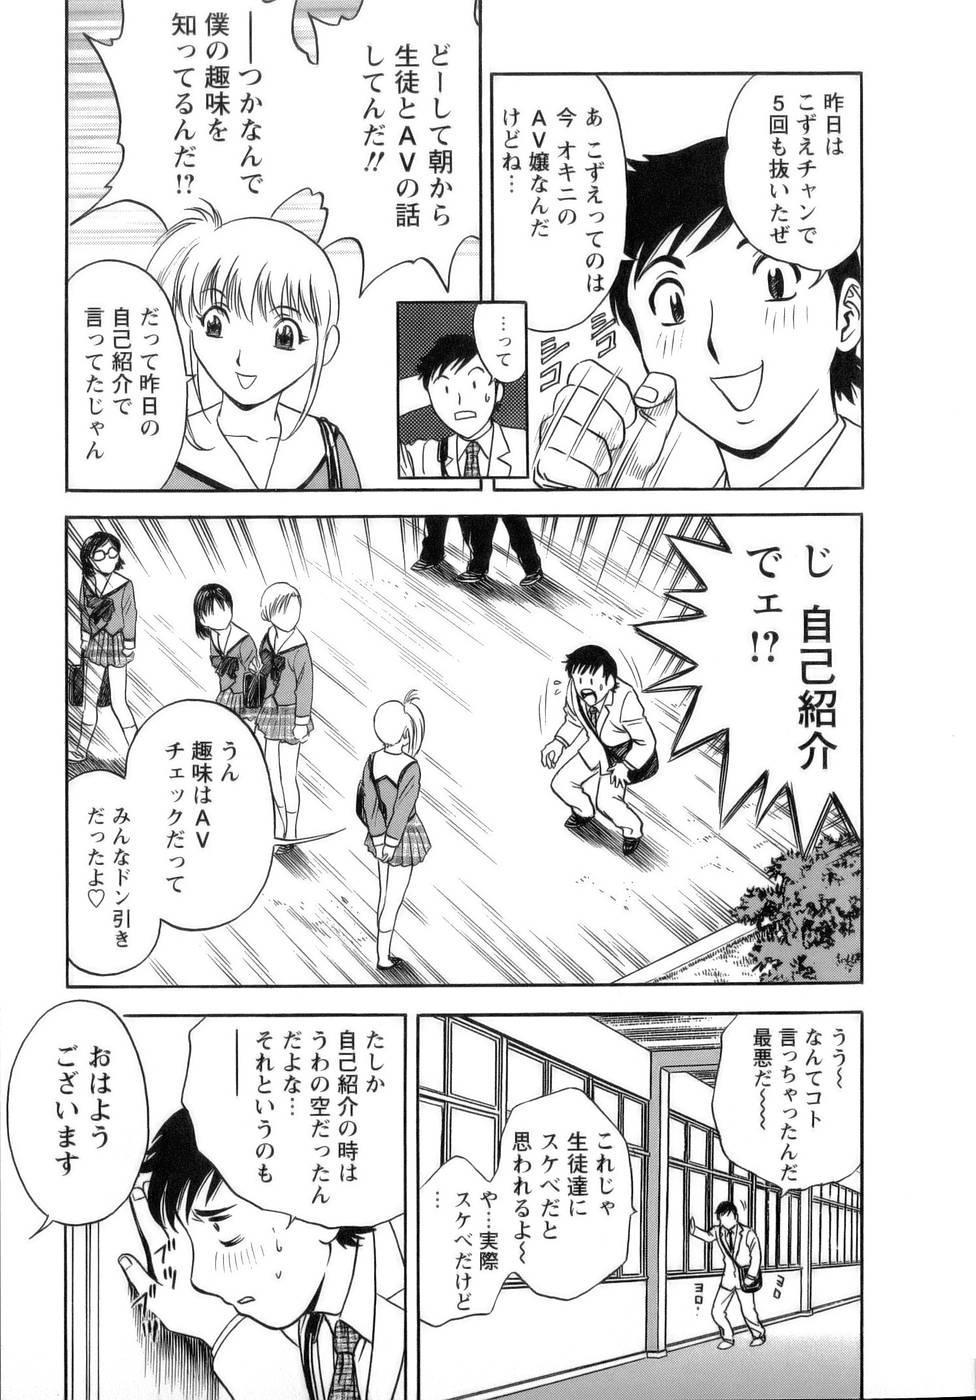 [Hidemaru] Mo-Retsu! Boin Sensei (Boing Boing Teacher) Vol.1 31